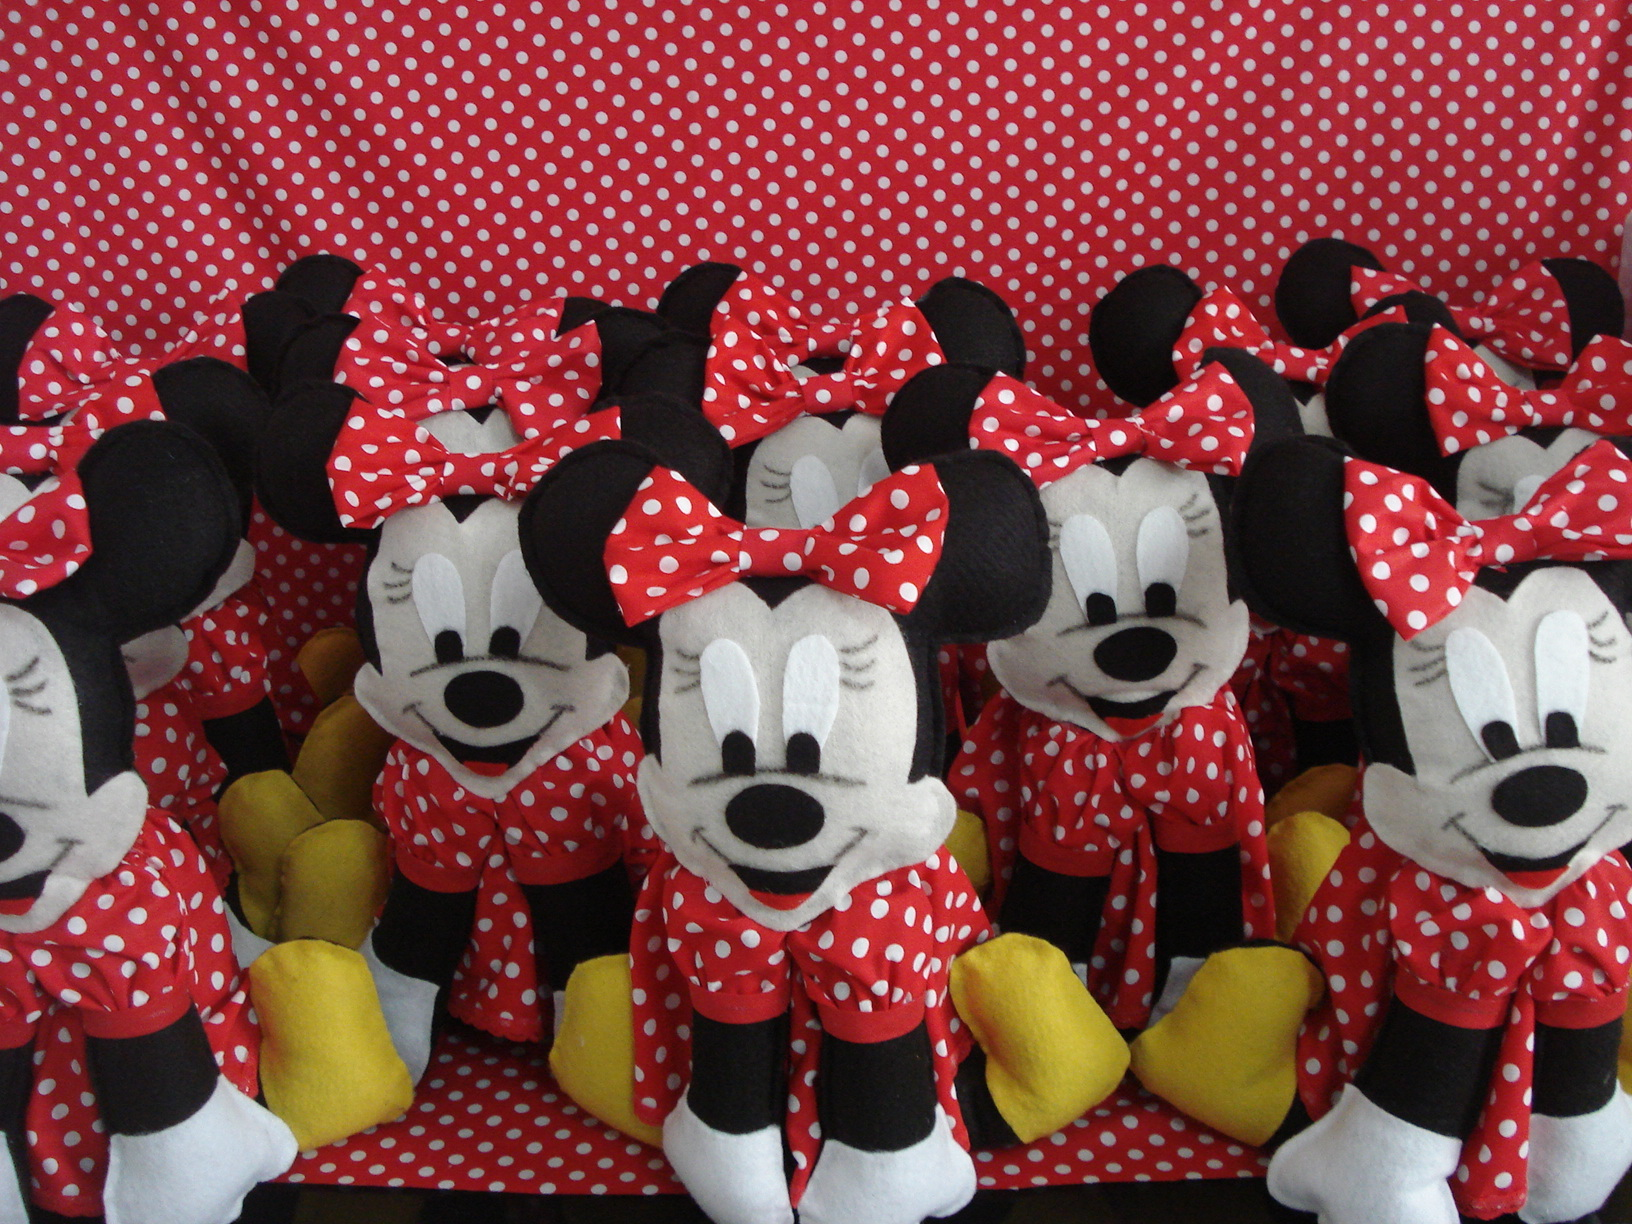 Minnie Vermelha 28 Cm Em Feltro Minnie Vermelha 28 Cm Em Feltro Minnie